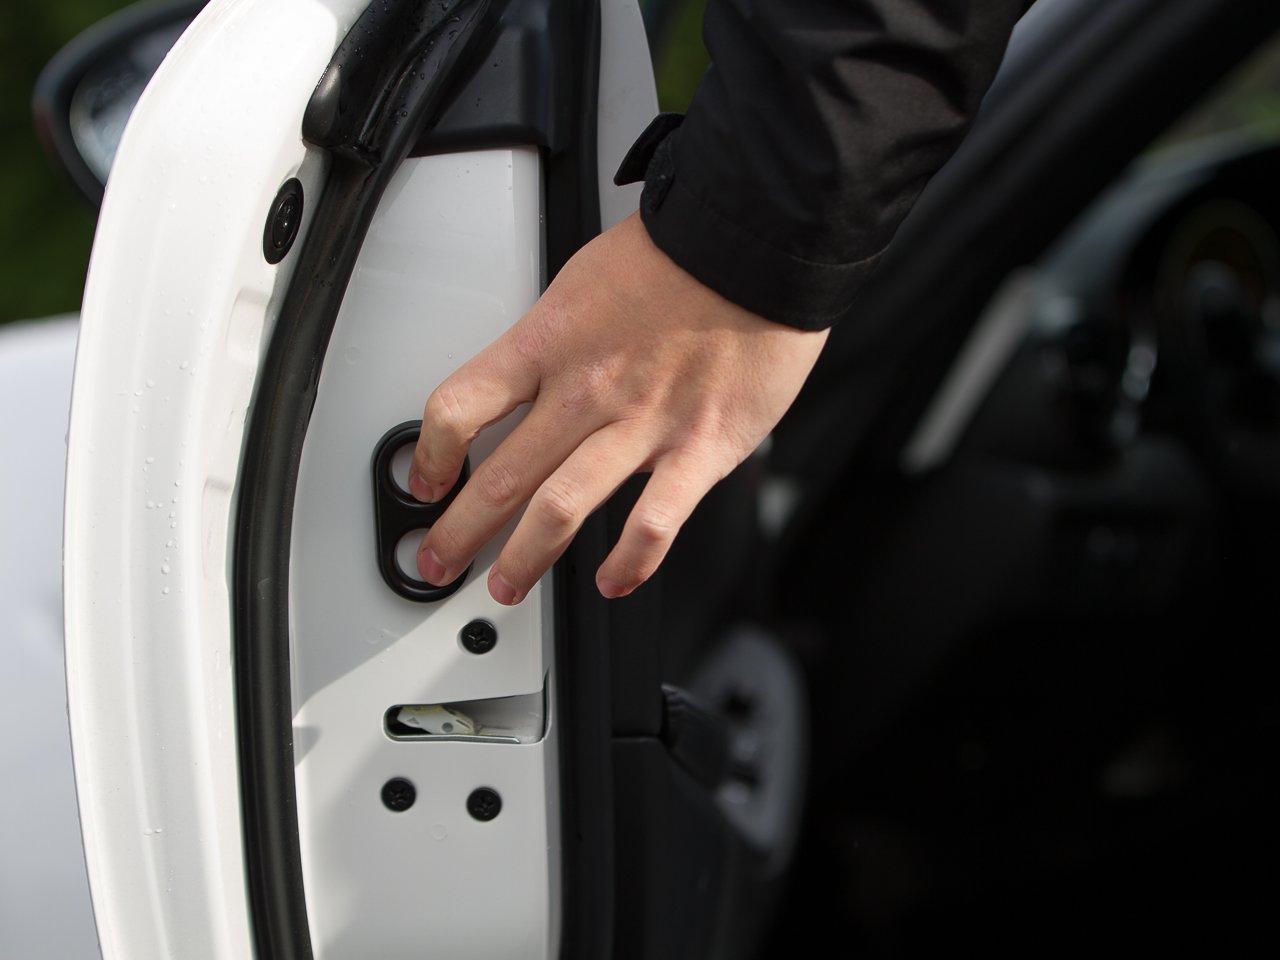 Easy to Install Keep Fingerprints Off Your Corvette Set of 2 Jam Handle for Chevy Corvette